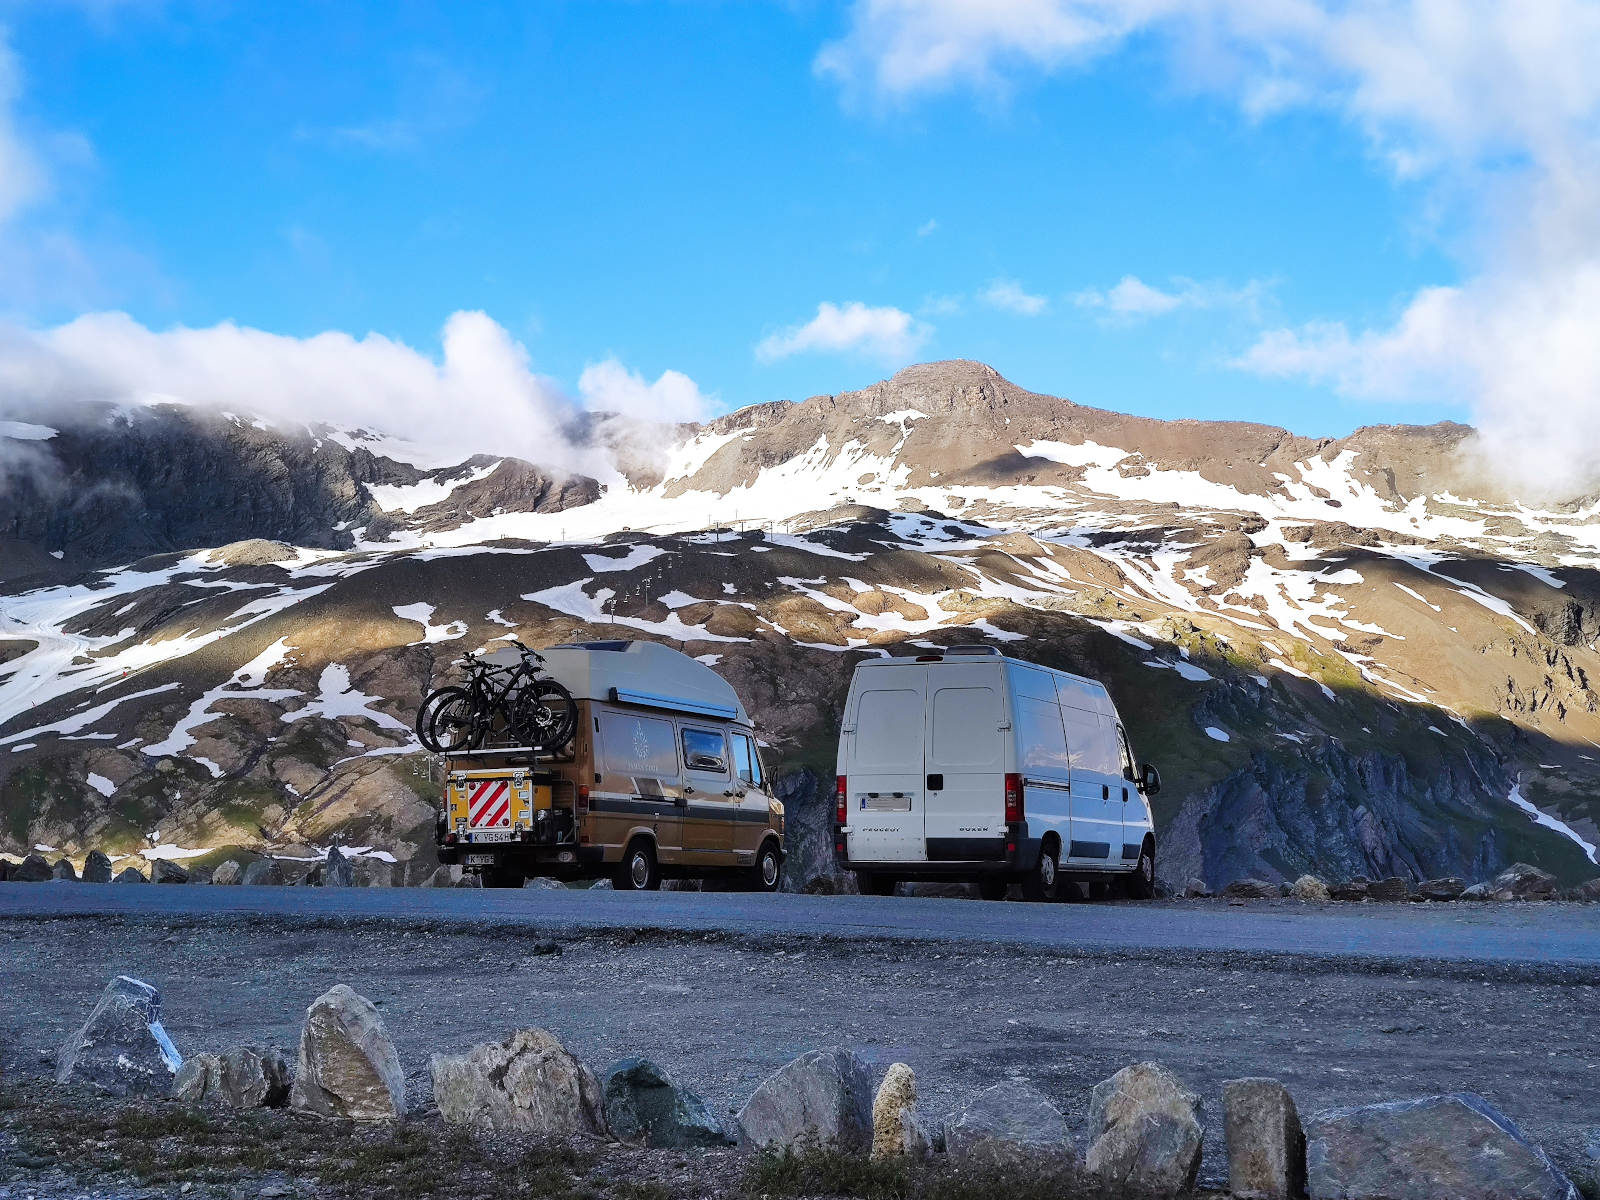 Lugares maravillosos dónde llegar con tu furgoneta camperizada que cuesta menos de lo que esperas